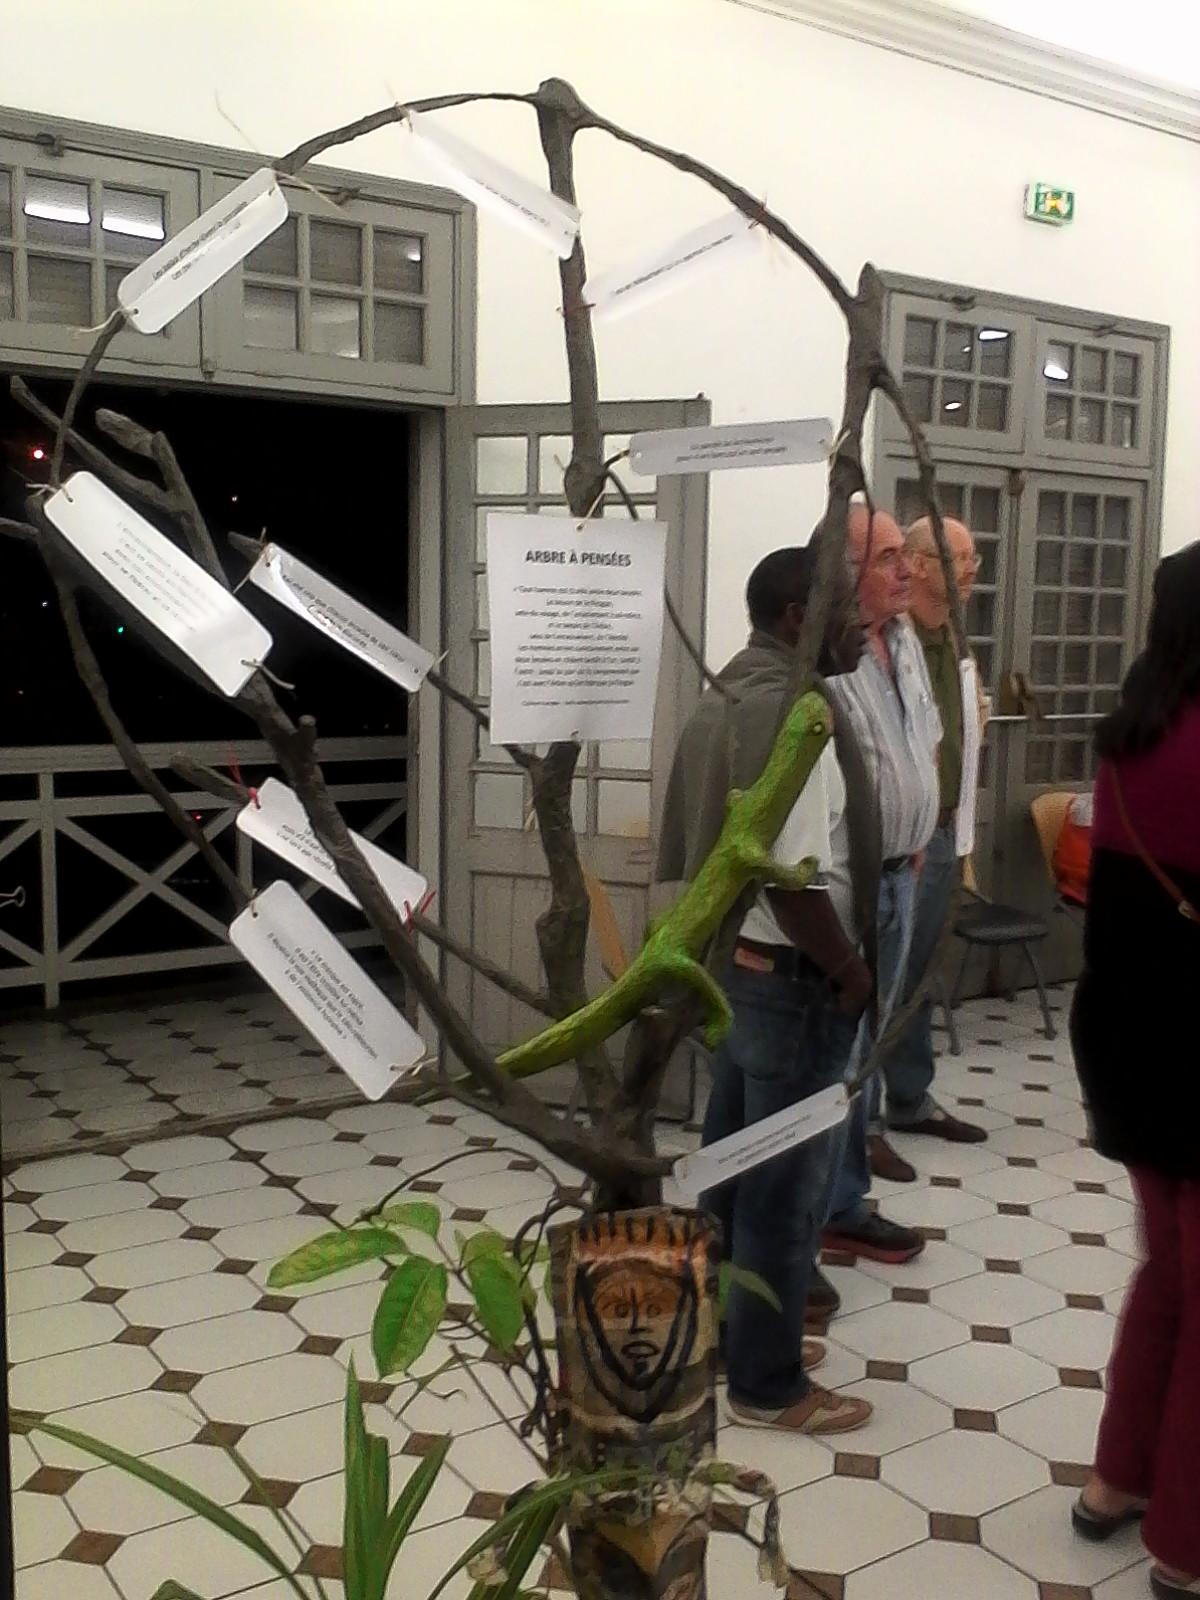 L'arbre à pensées : C'est sur cet arbre que sont accrochées les textes rédigés par les détenus